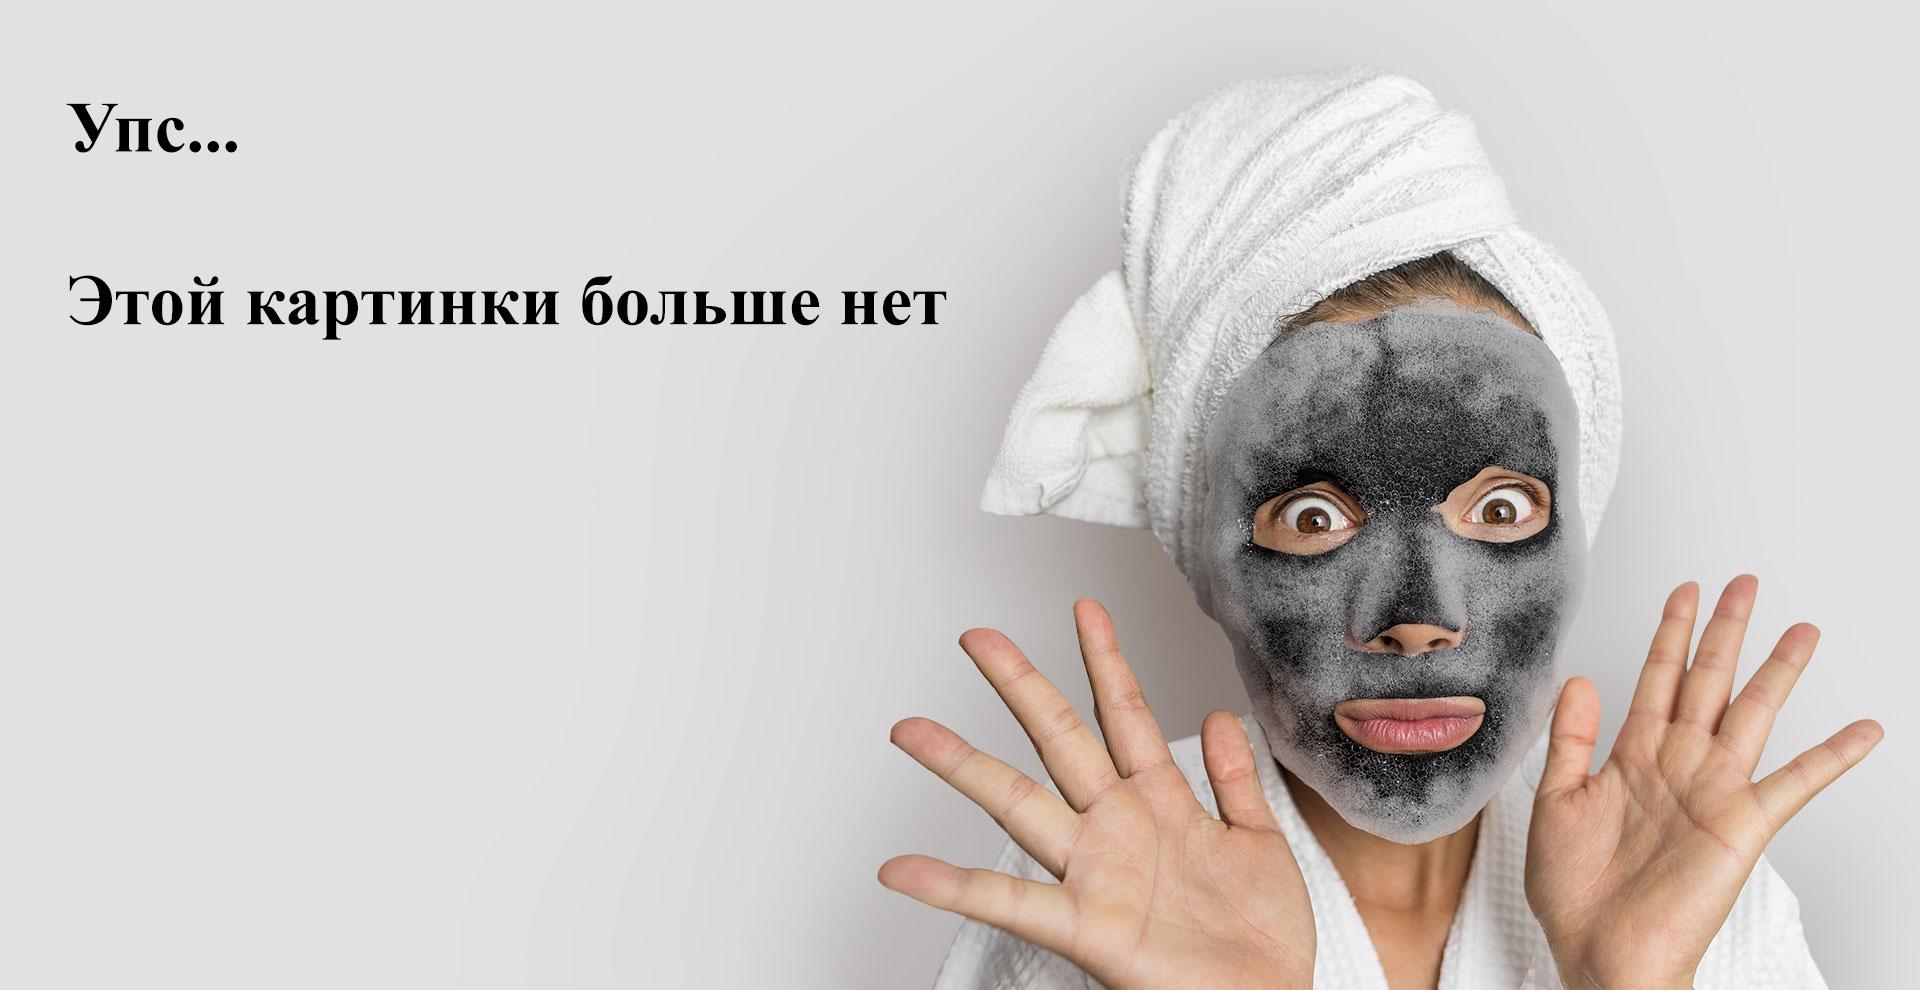 Staleks Pro, Щипцы профессиональные для ногтей Expert, NE-60-12, 12 мм